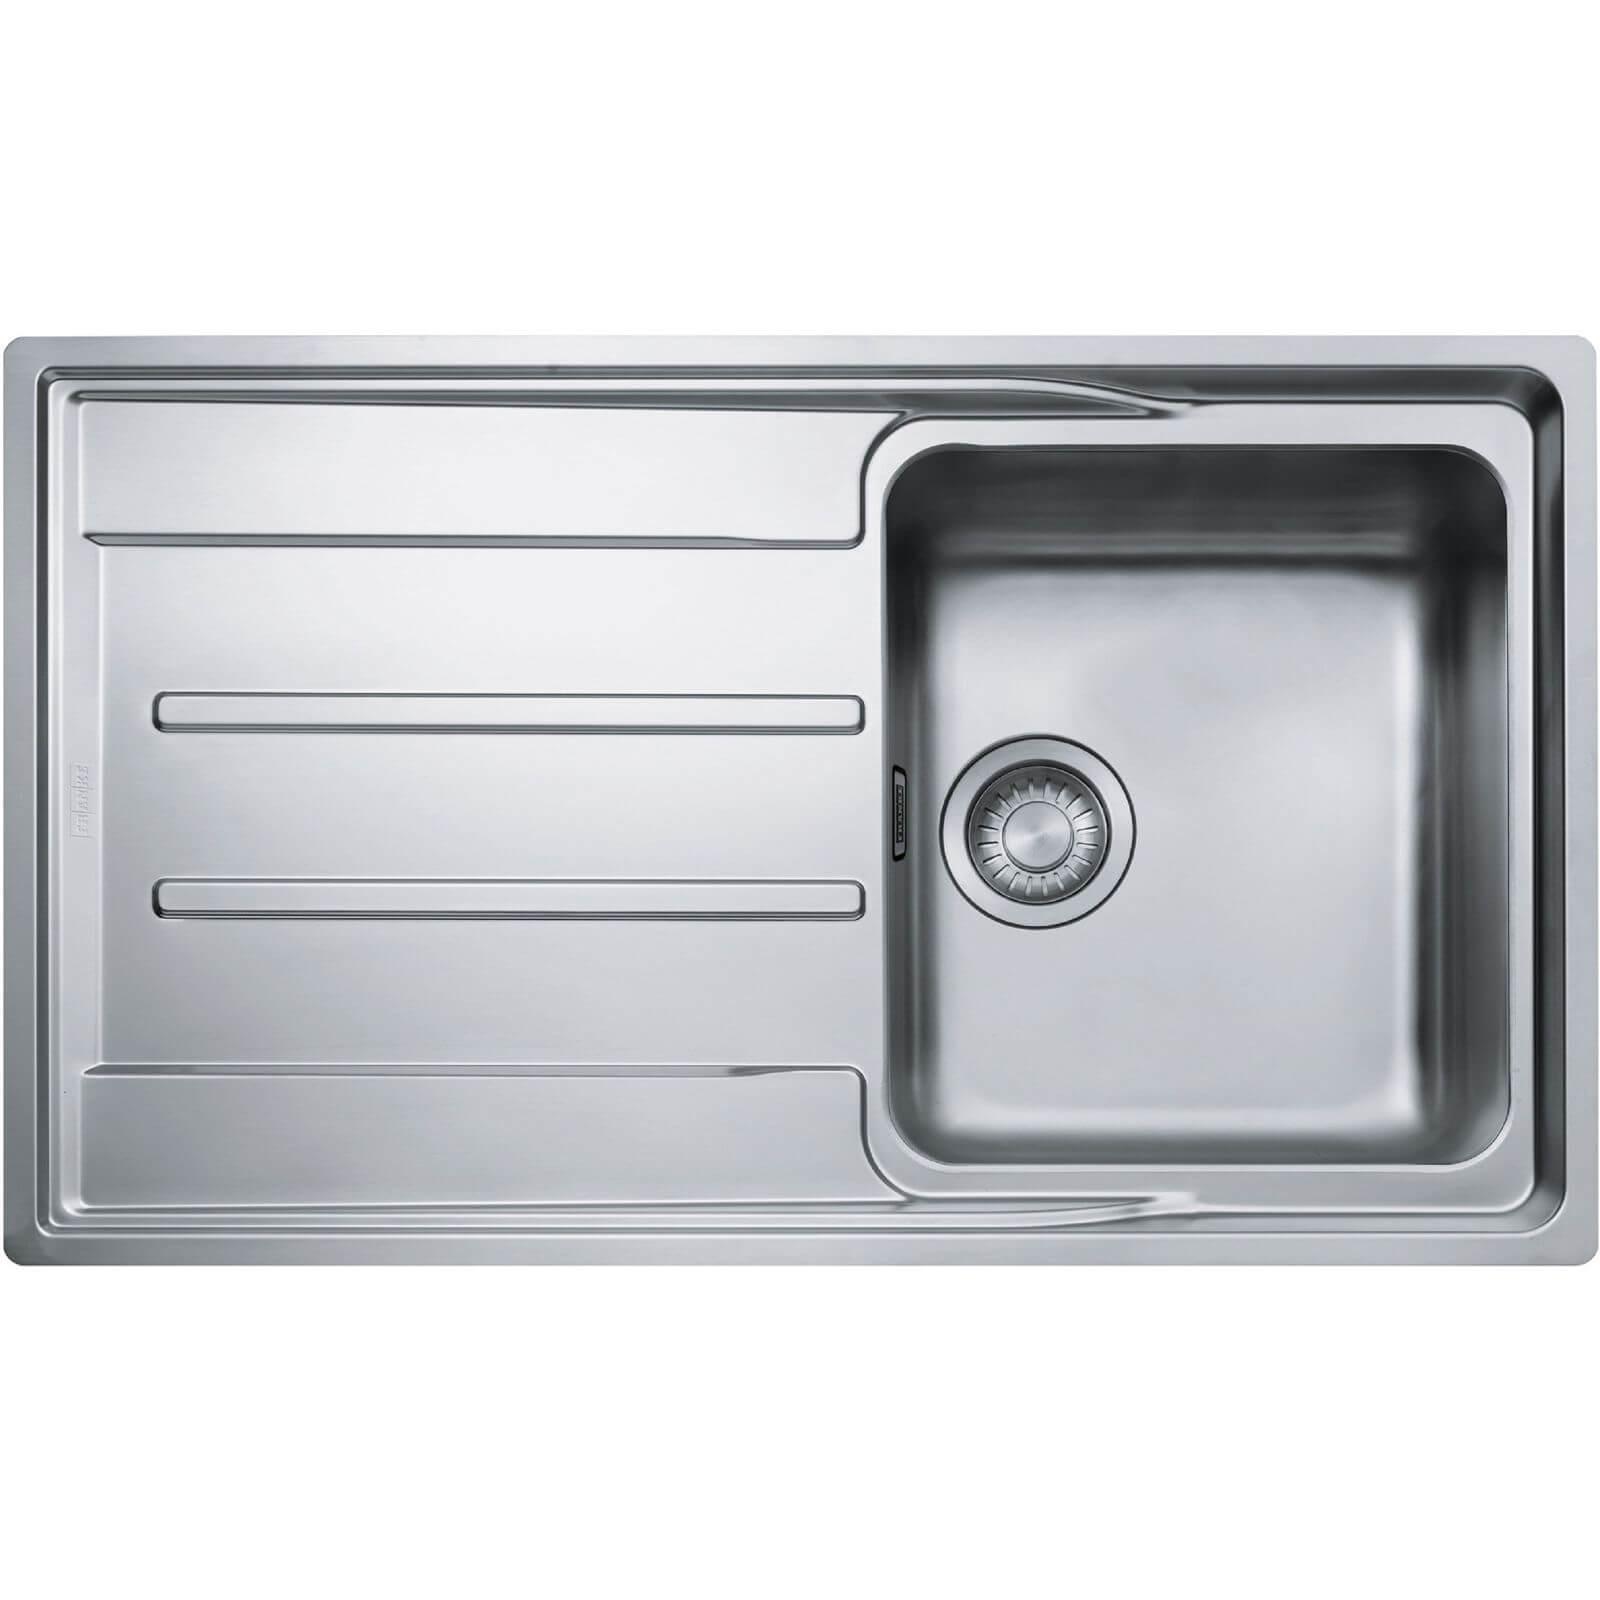 Franke Aton Reversible Kitchen Sink - 1 Bowl